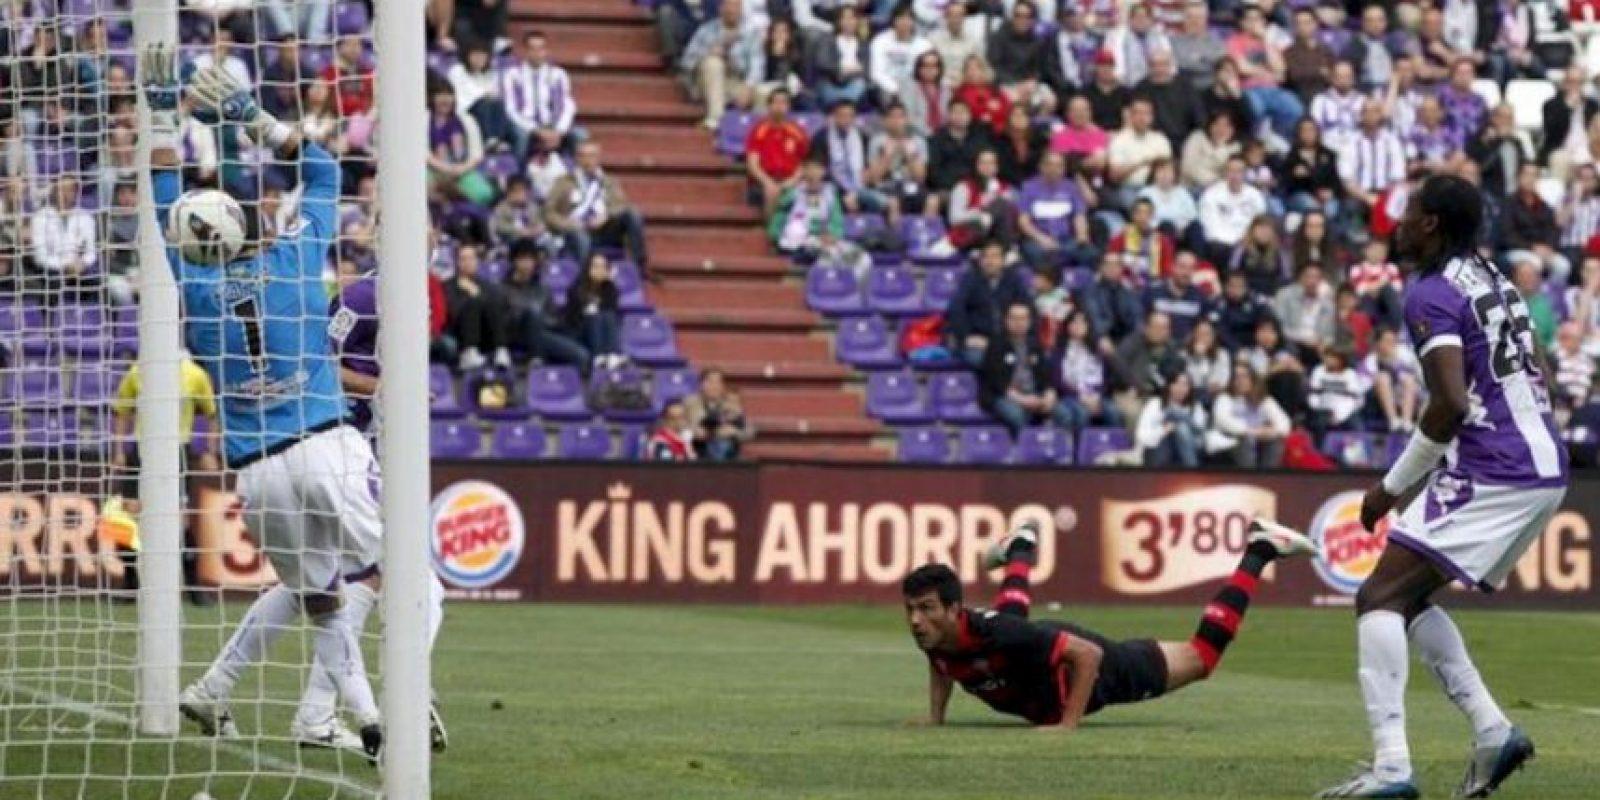 El defensa argentino del Celta Gustavo Cabral (2d) bate al portero del Valladolid Jaime Jiménez durante el partido de la trigésima séptima jornada de liga en Primera División que se disputó en el estadio José Zorrilla. EFE